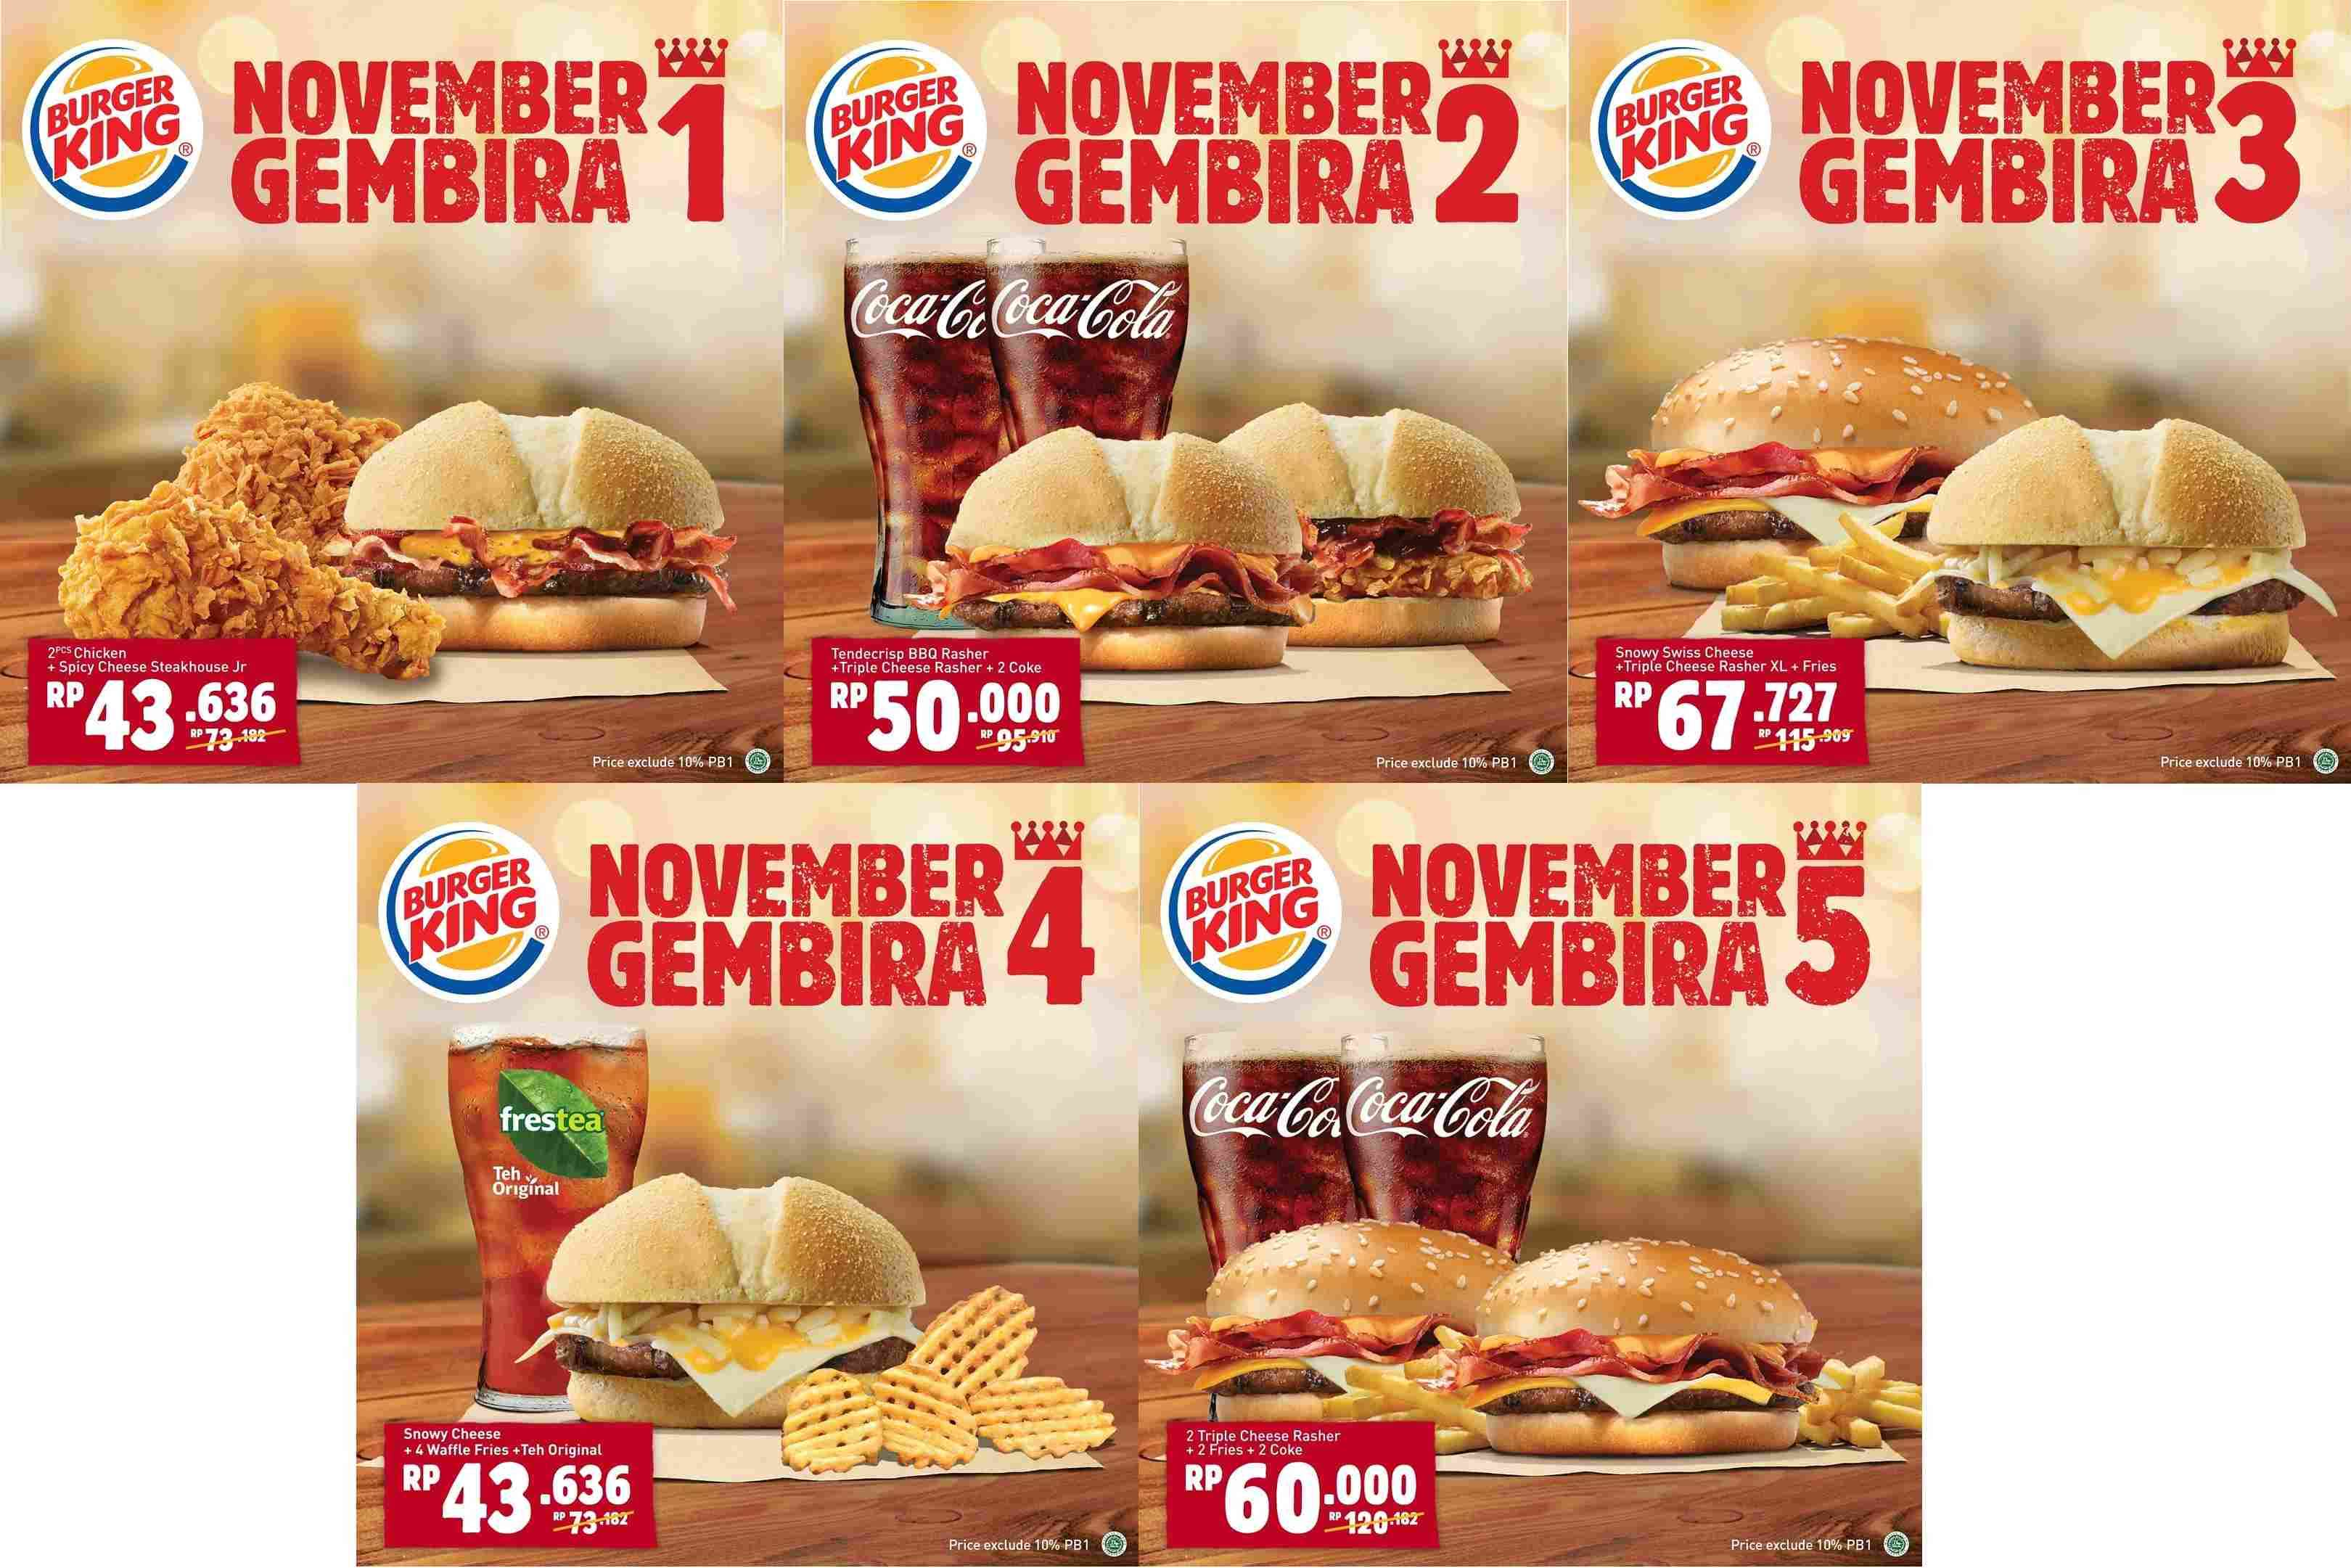 Burger King Promo Paket November Gembira mulai Rp. 43.636